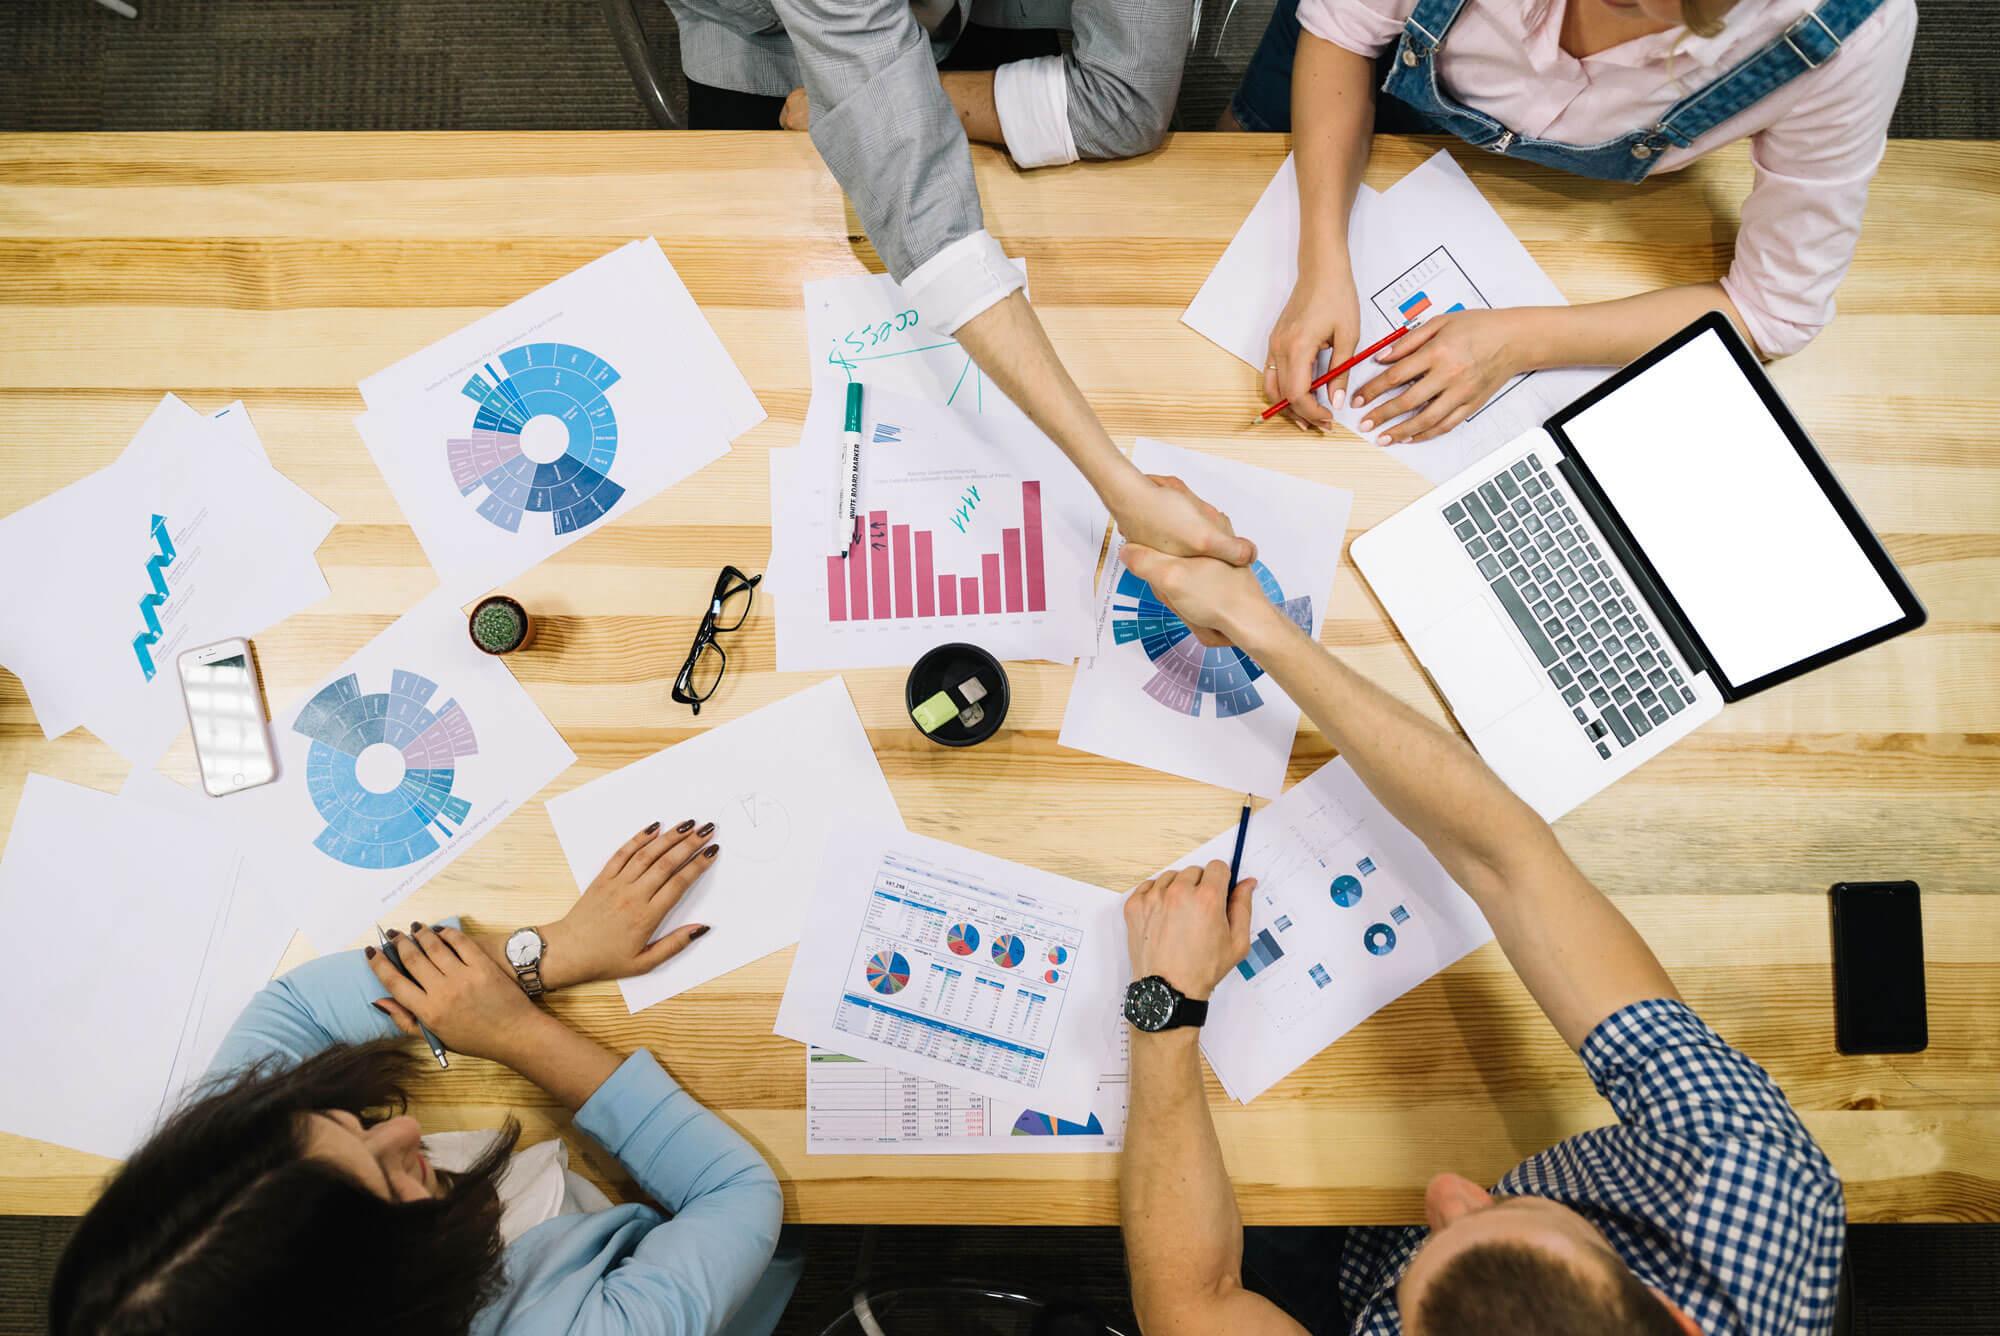 Como o Inbound Marketing pode ajudar empresas a vender mais